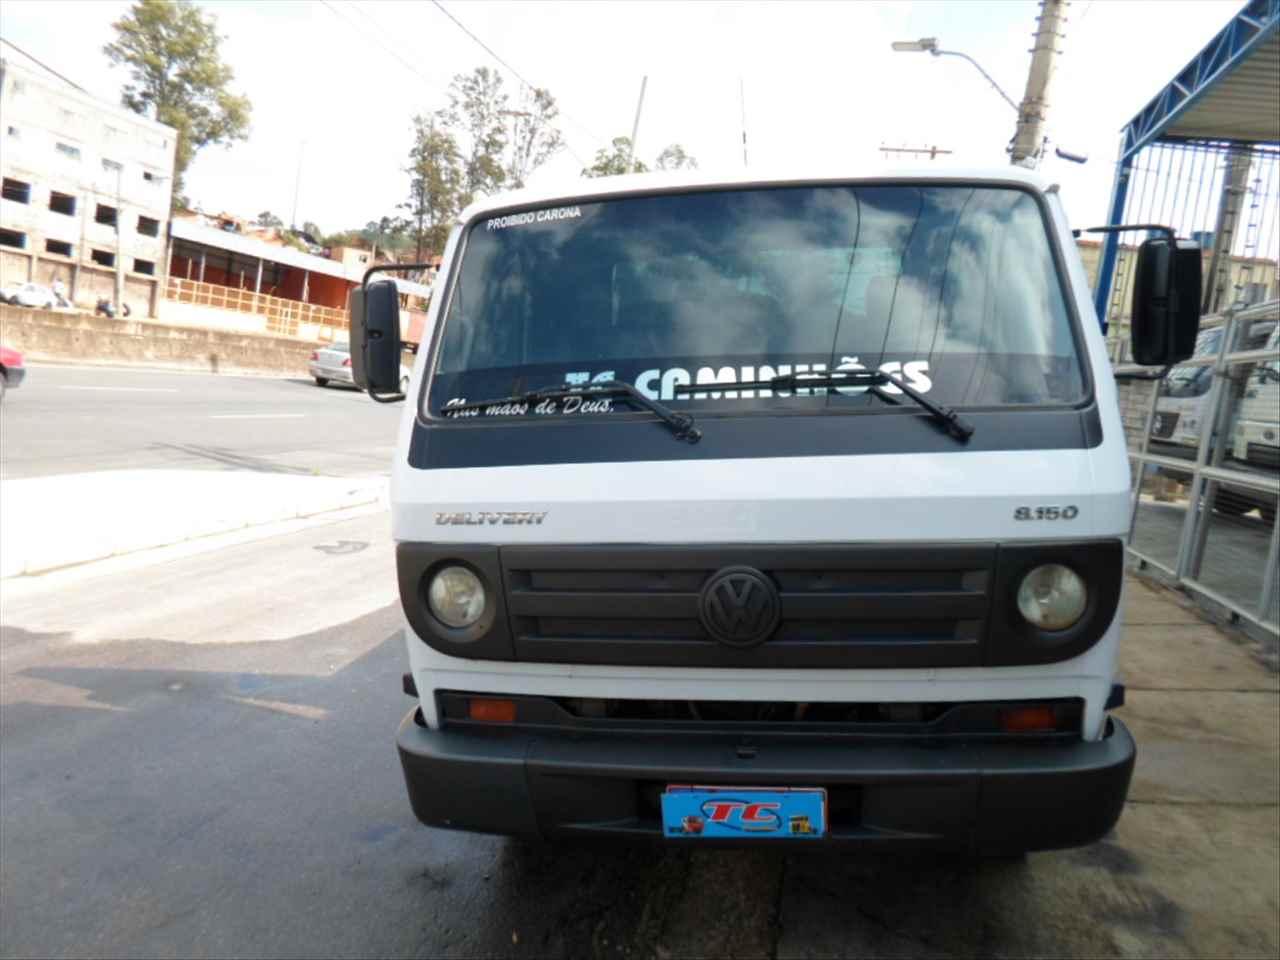 CAMINHAO VOLKSWAGEN VW 8150 Plataforma 3/4 4x2 TC Caminhões  BELO HORIZONTE MINAS GERAIS MG